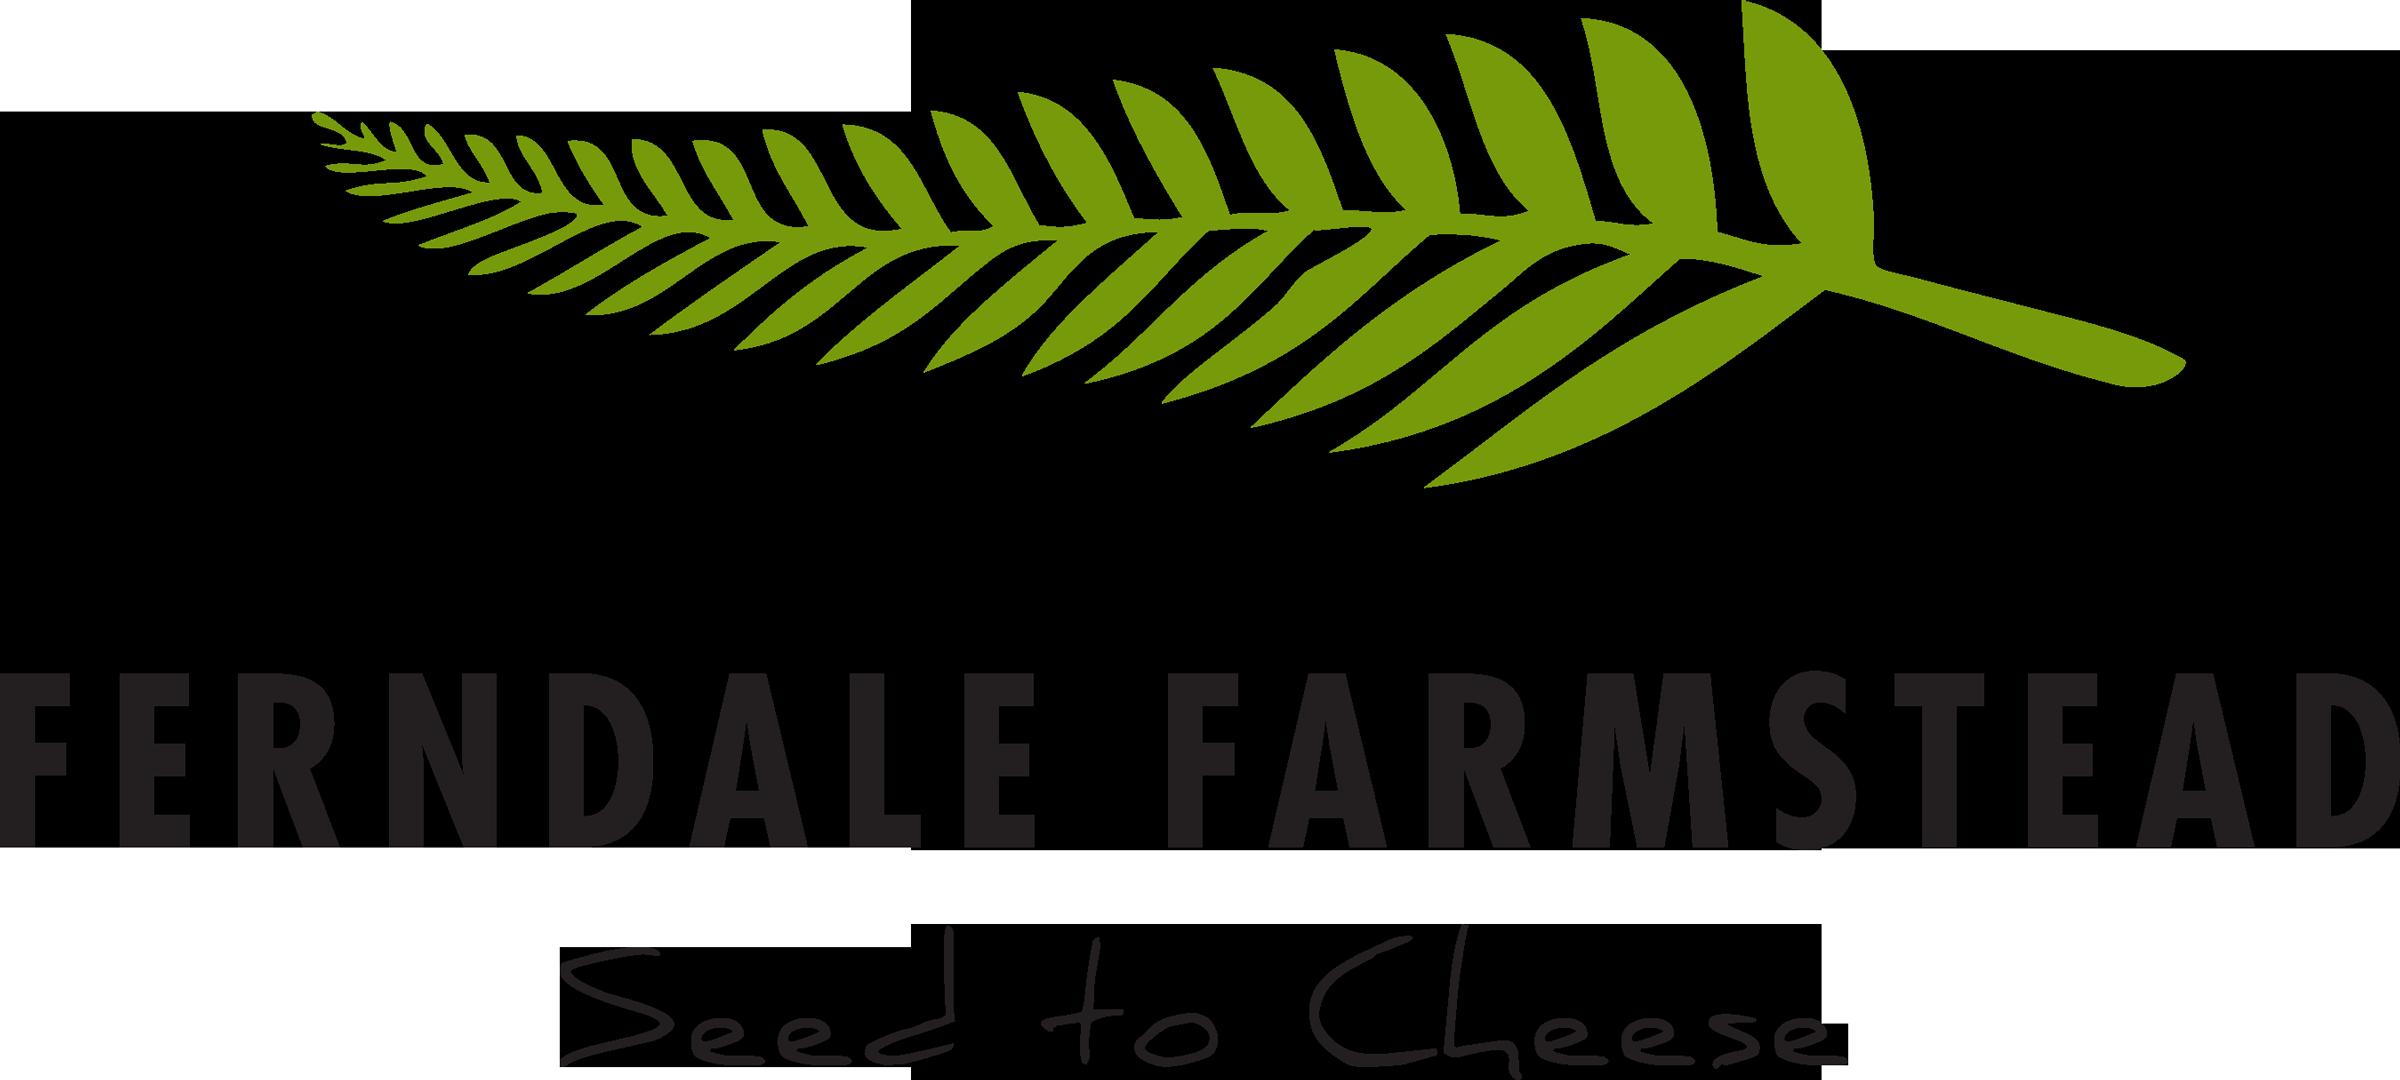 Ferndale Farmstead -